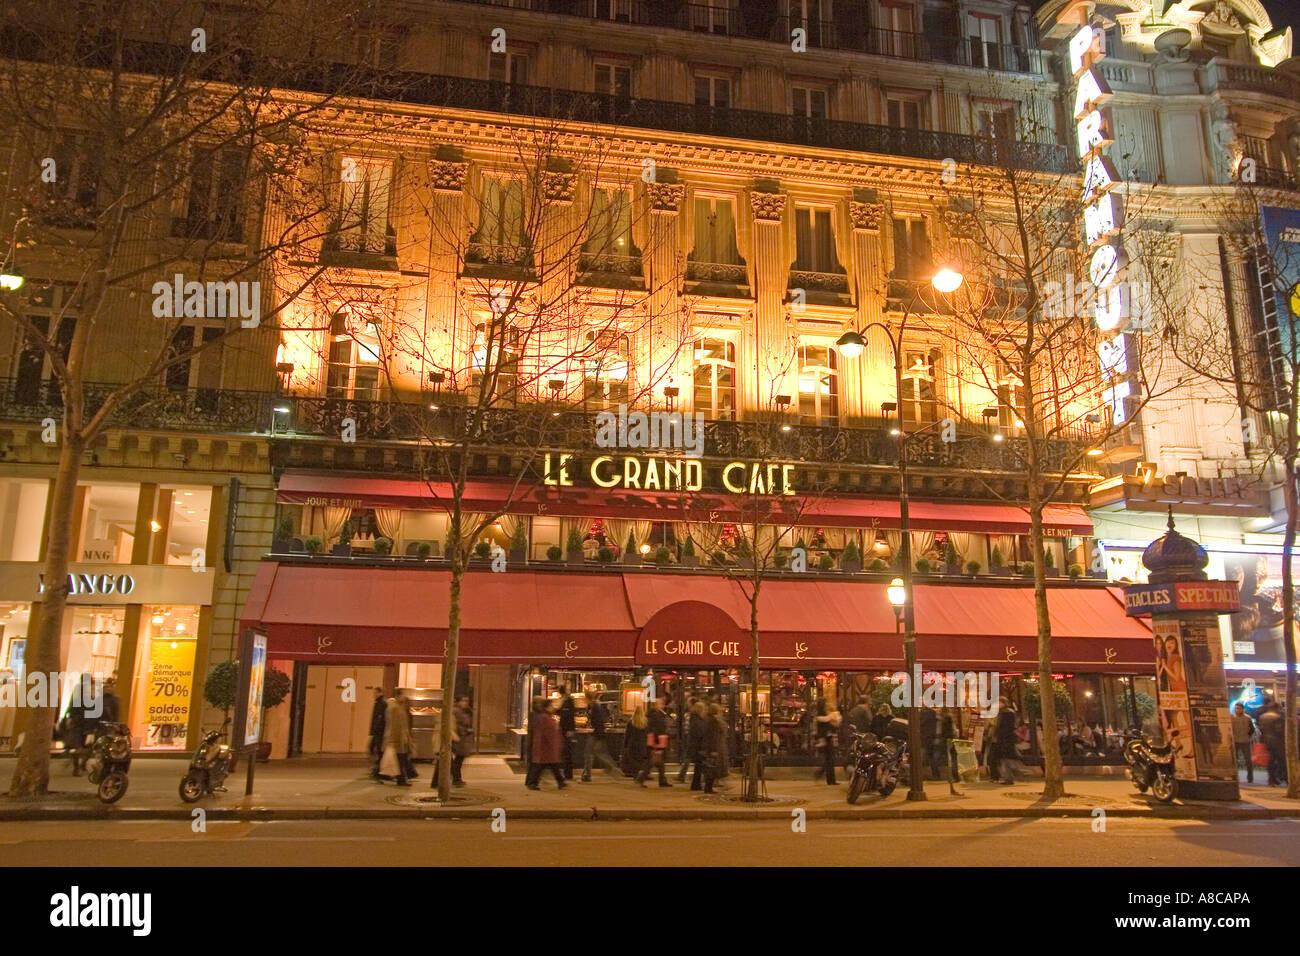 Paris France Le Grand Cafe Bd de Capucines Stock Photo, Royalty ...